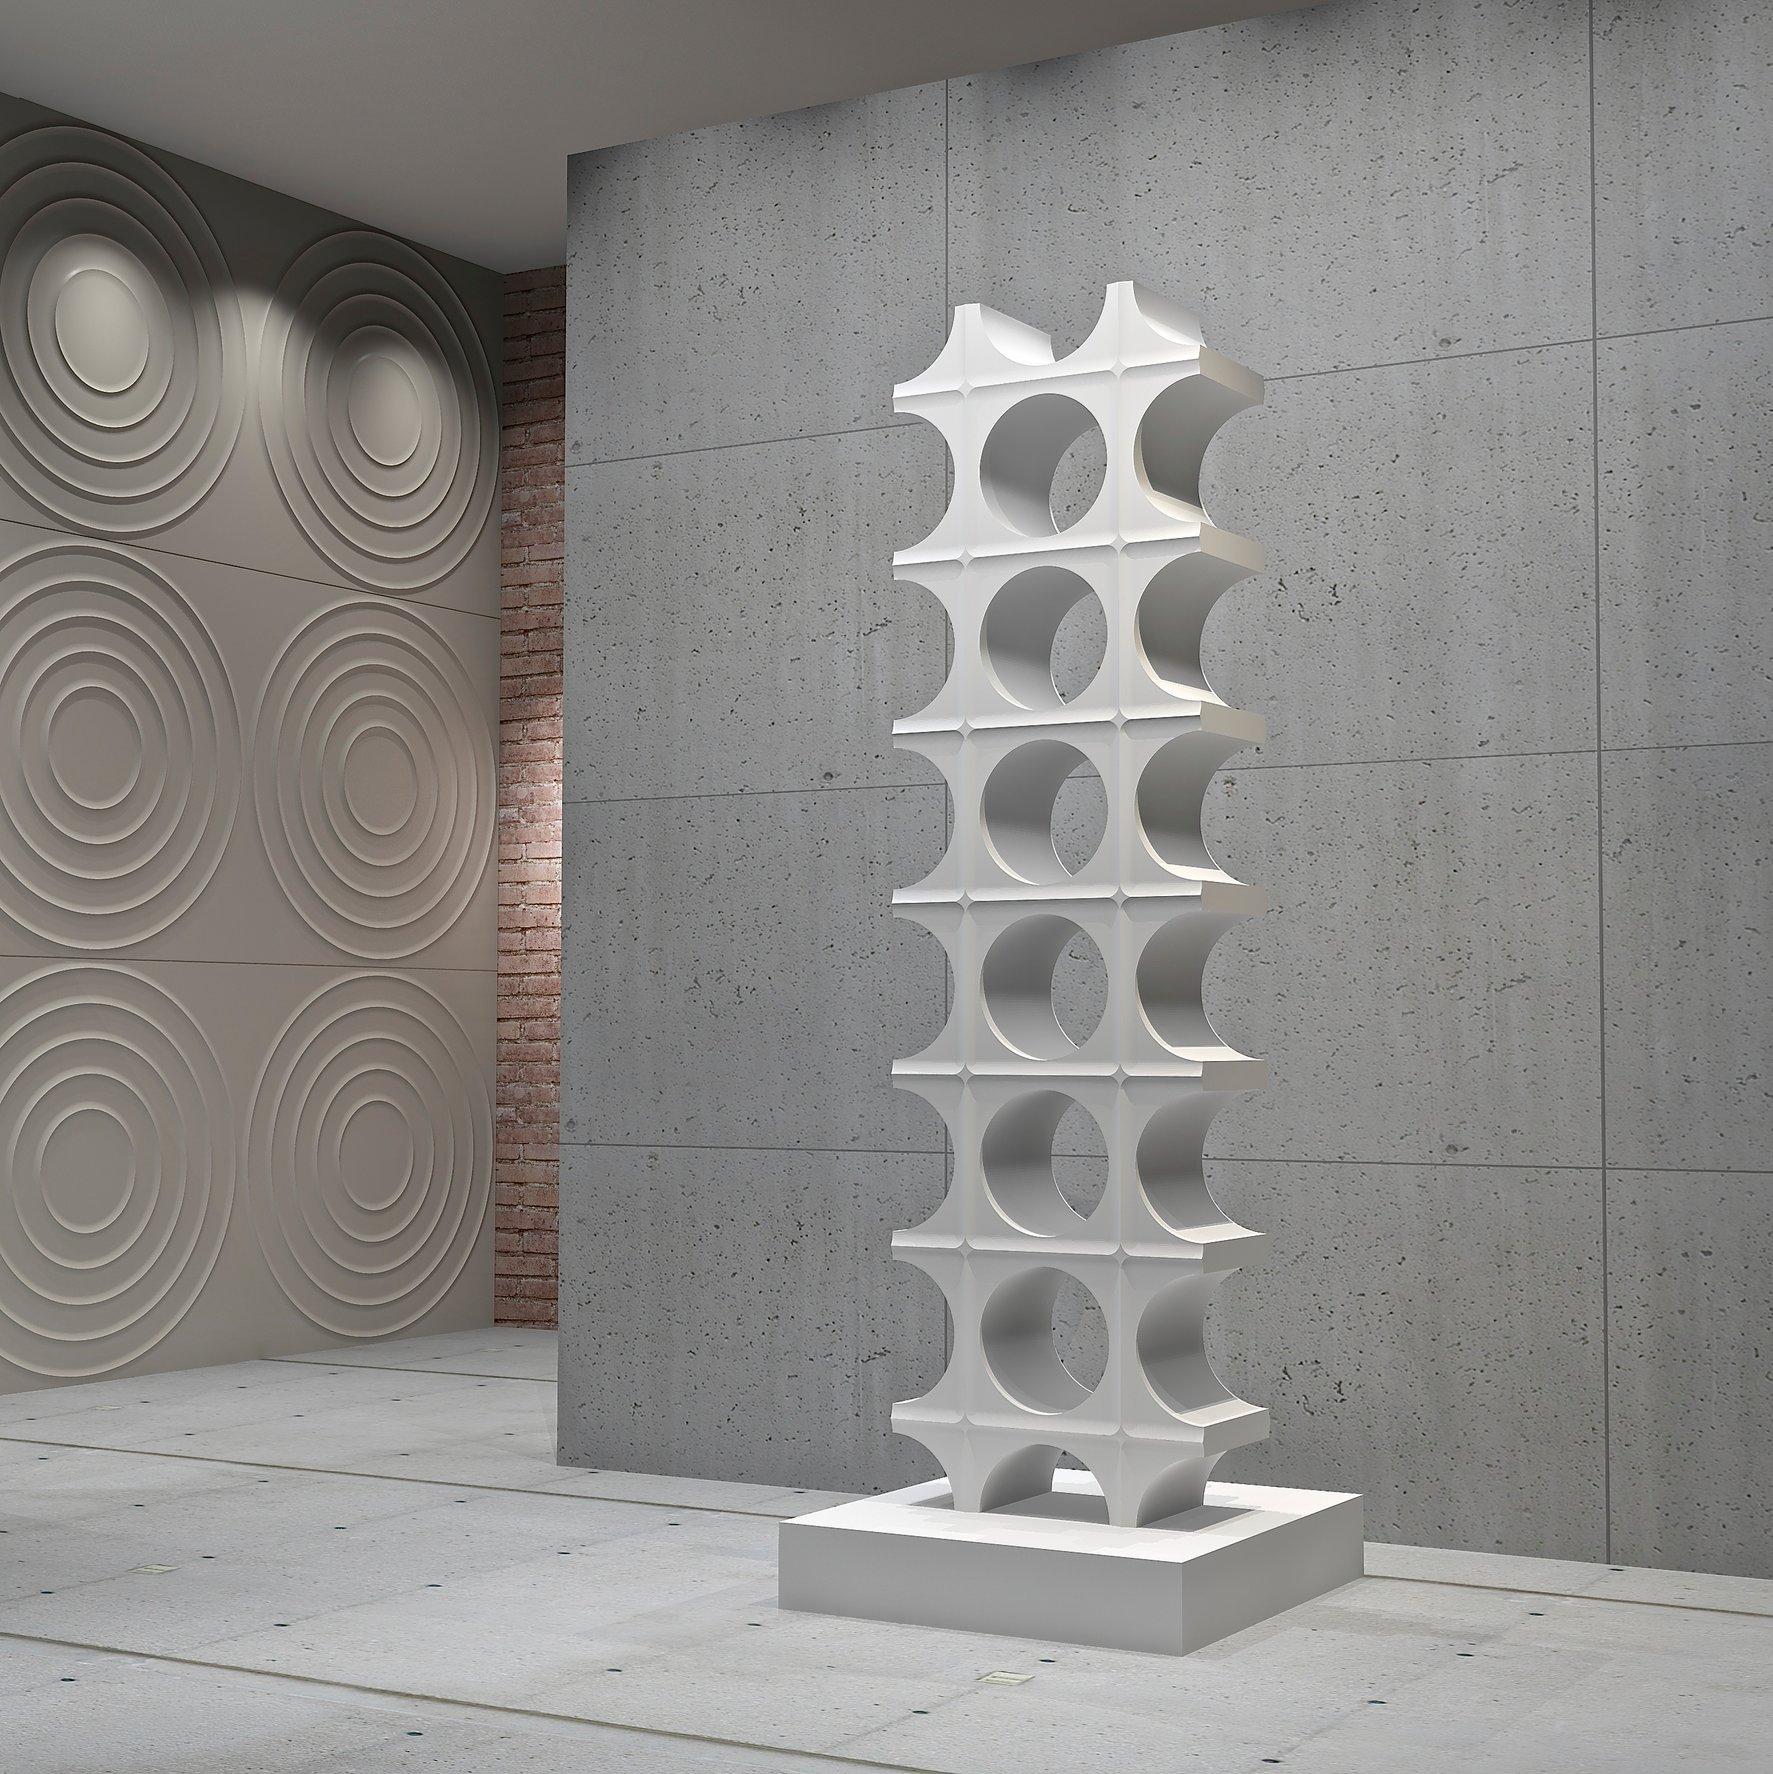 sculpture32.jpg